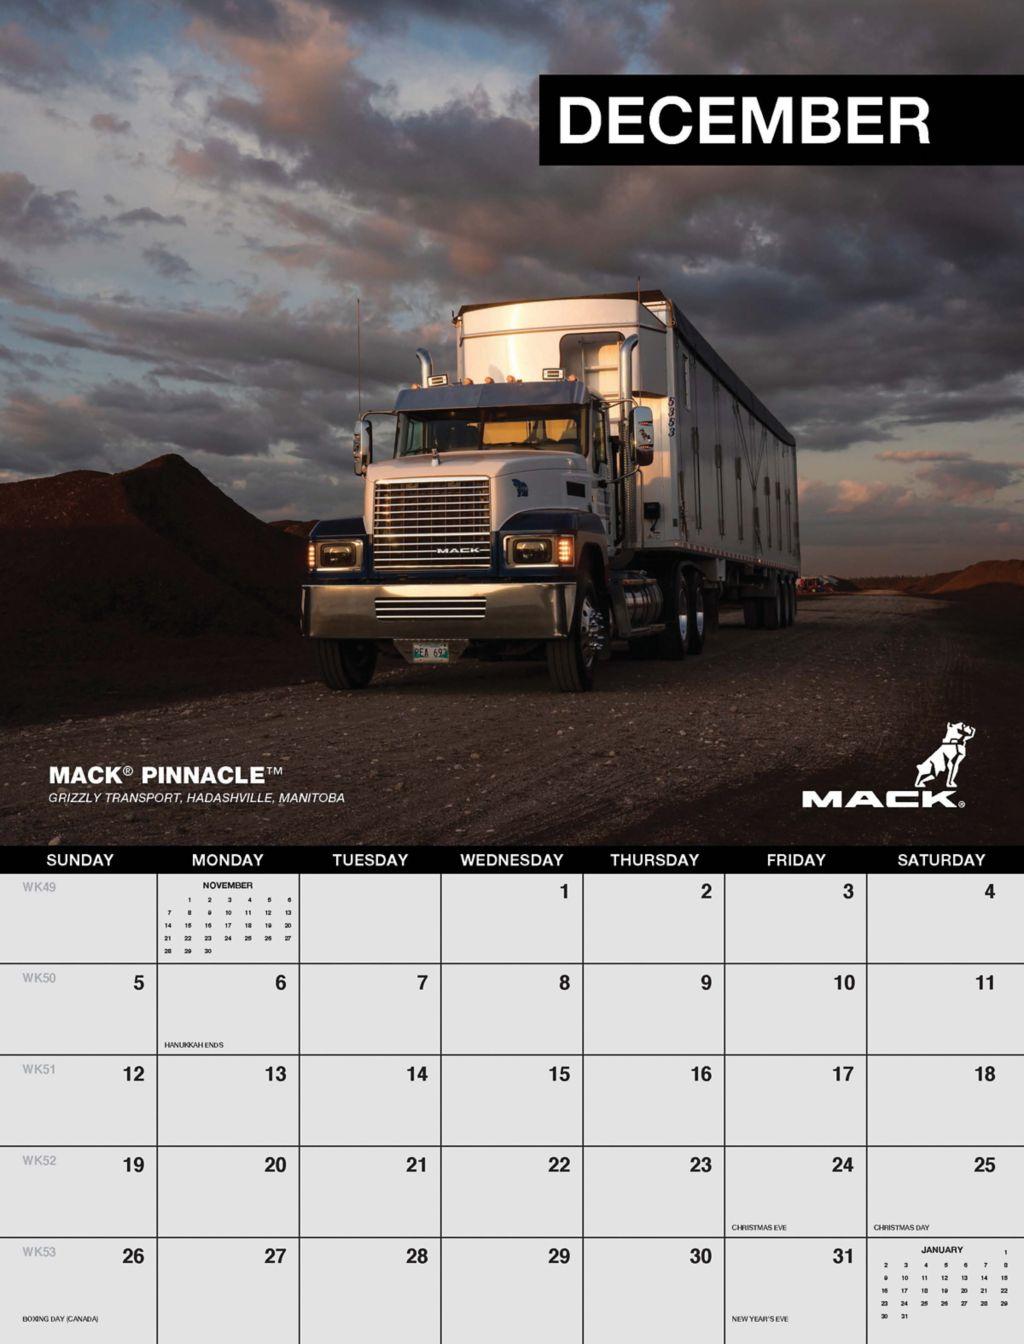 Mack Trucks Announces Entry Period for 2022 Mack Calendar Contest